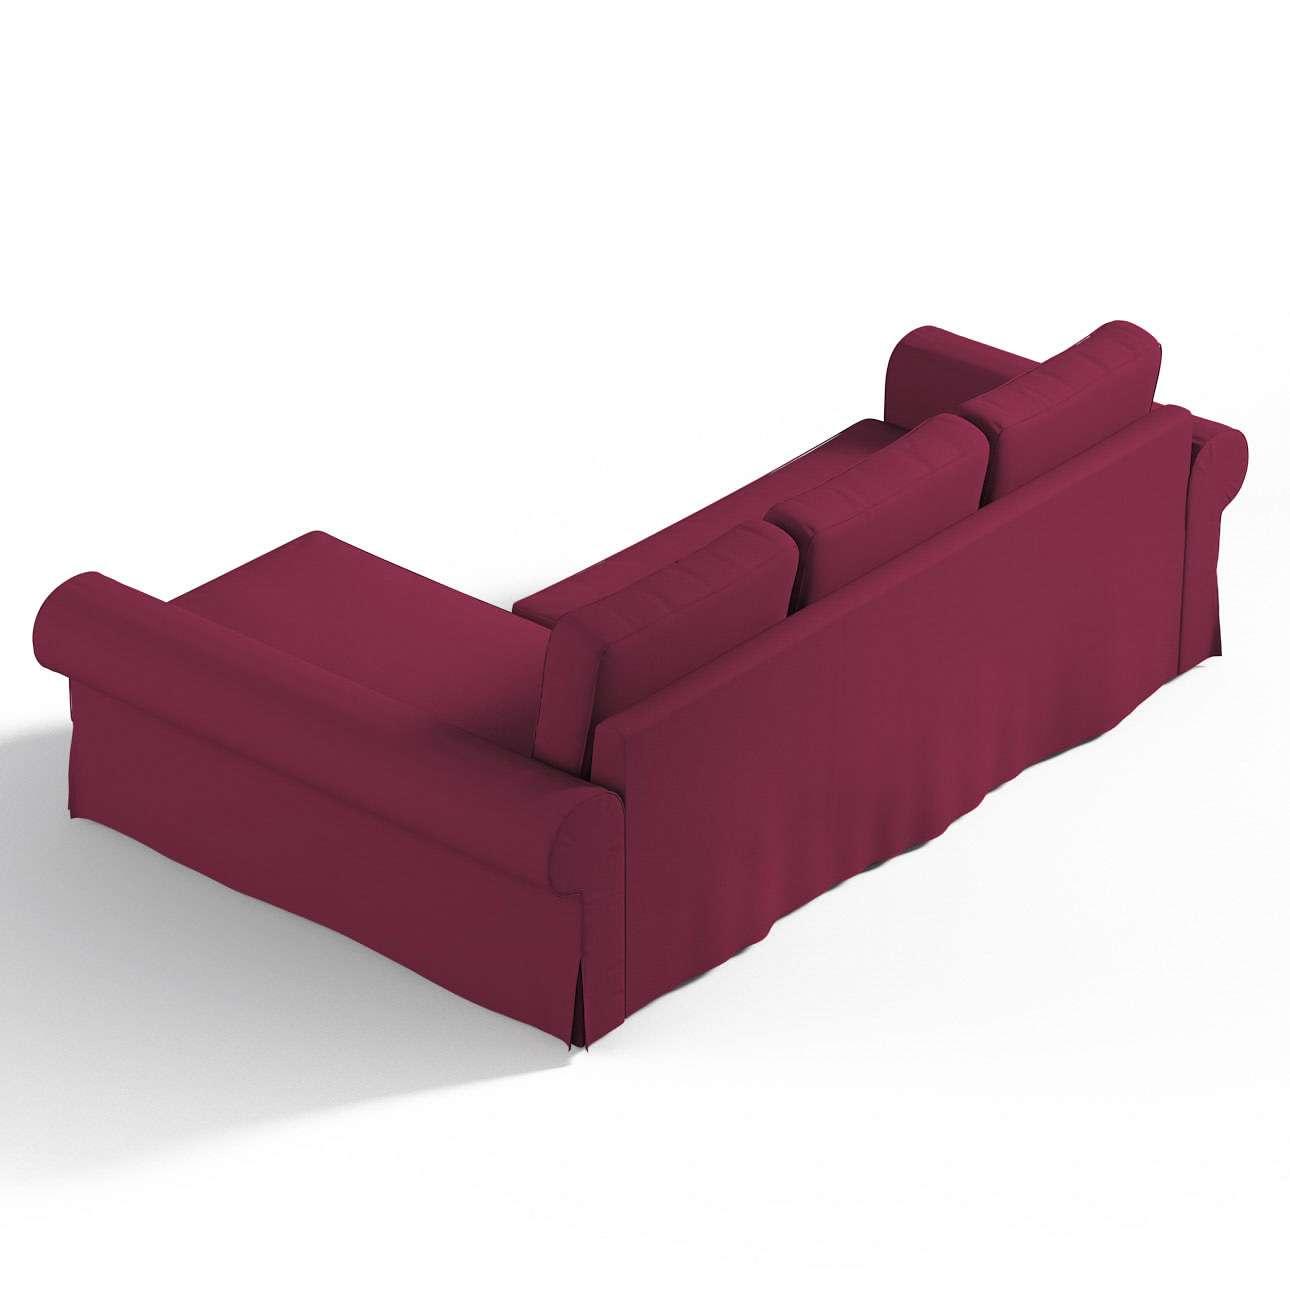 Pokrowiec na sofę Backabro rozkładaną z leżanką sofa Backabro rozkładana z leżanką w kolekcji Cotton Panama, tkanina: 702-32